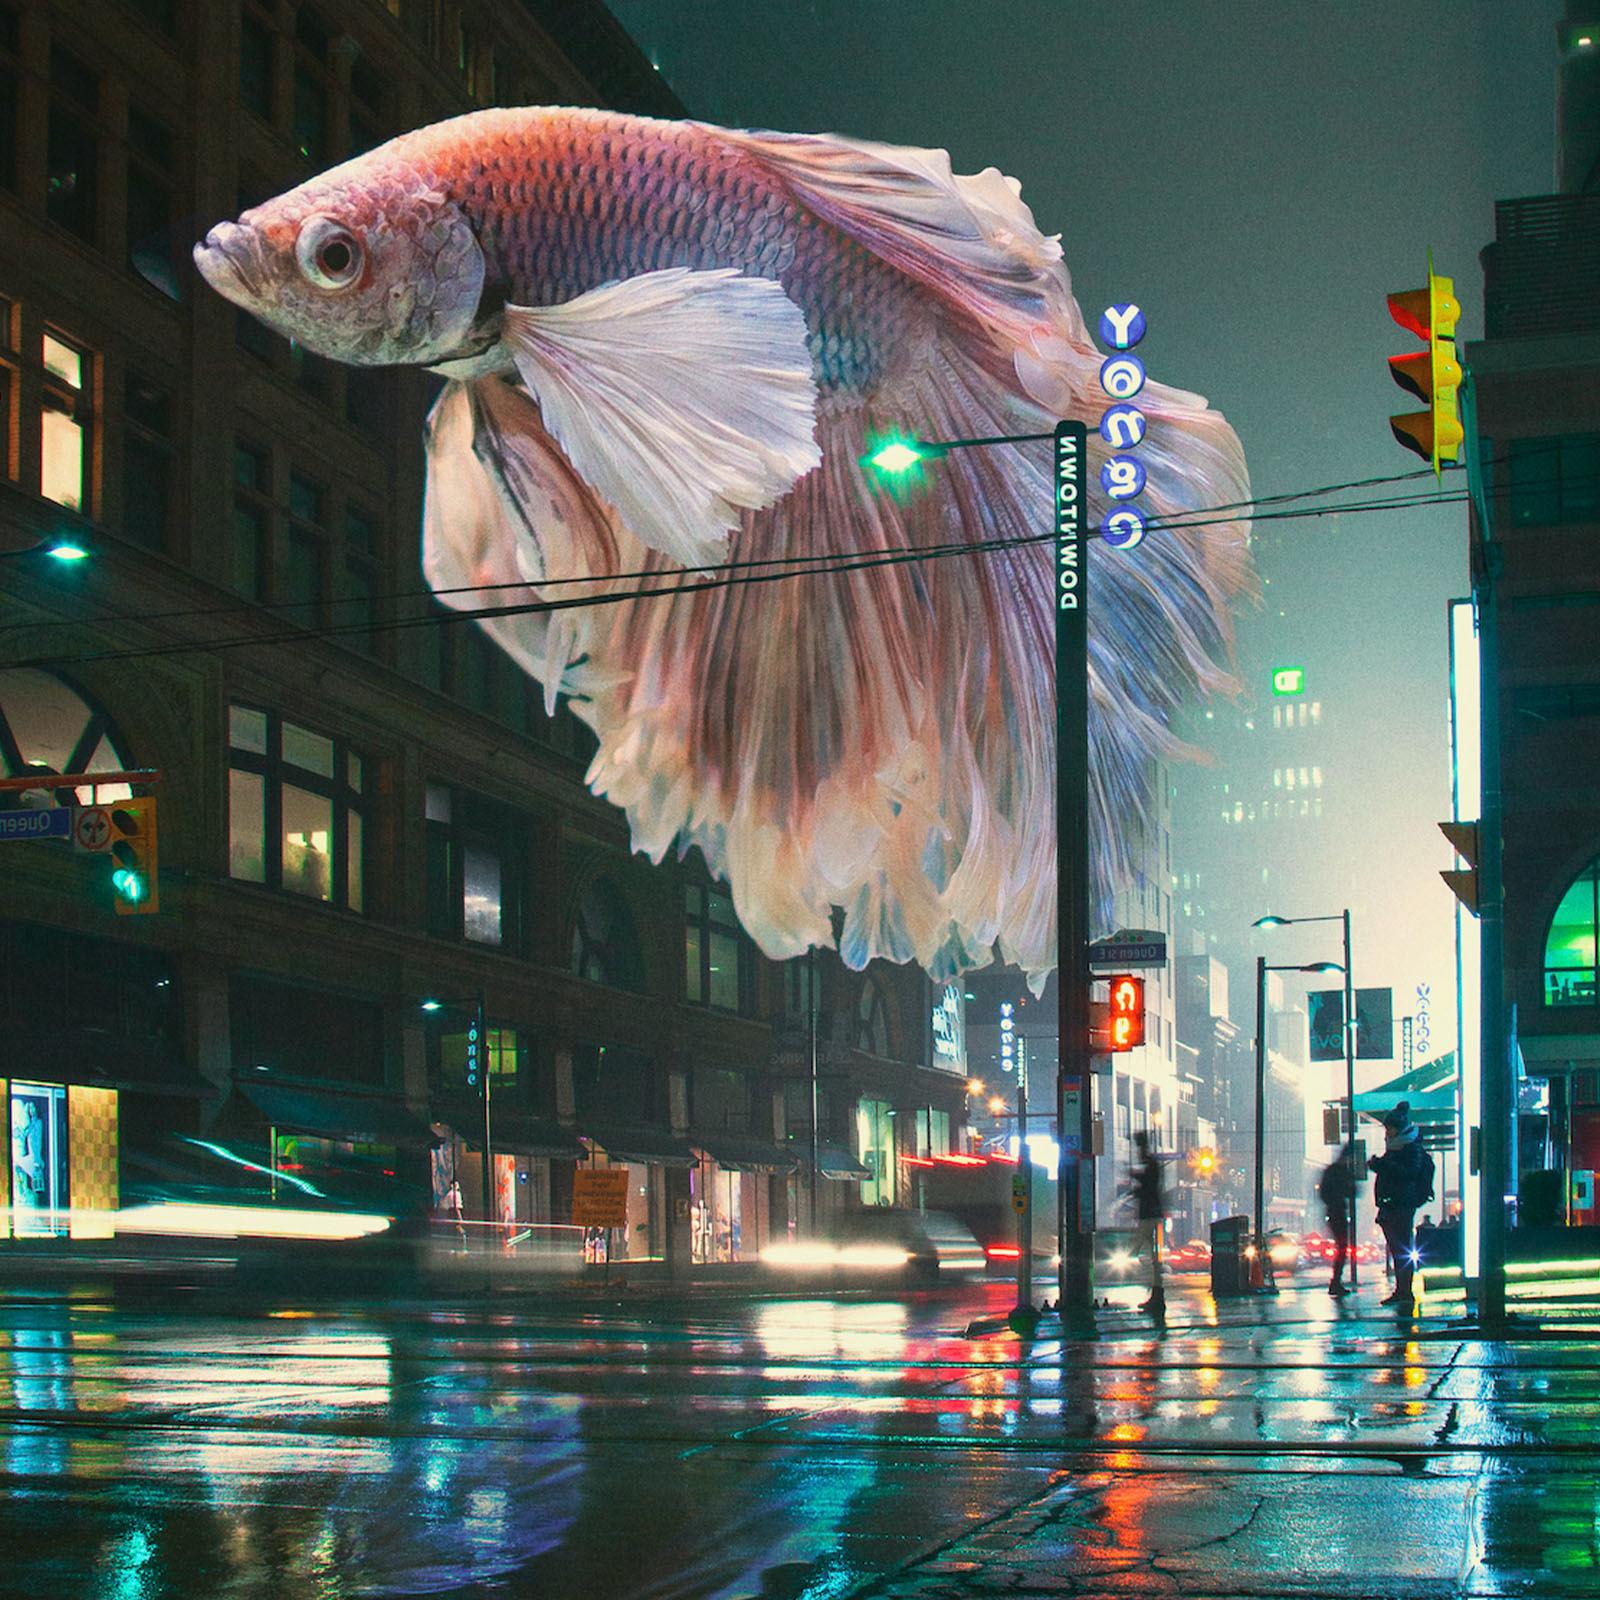 Fotomontagens em Photoshop: o mundo futurista de Diogo Sampaio